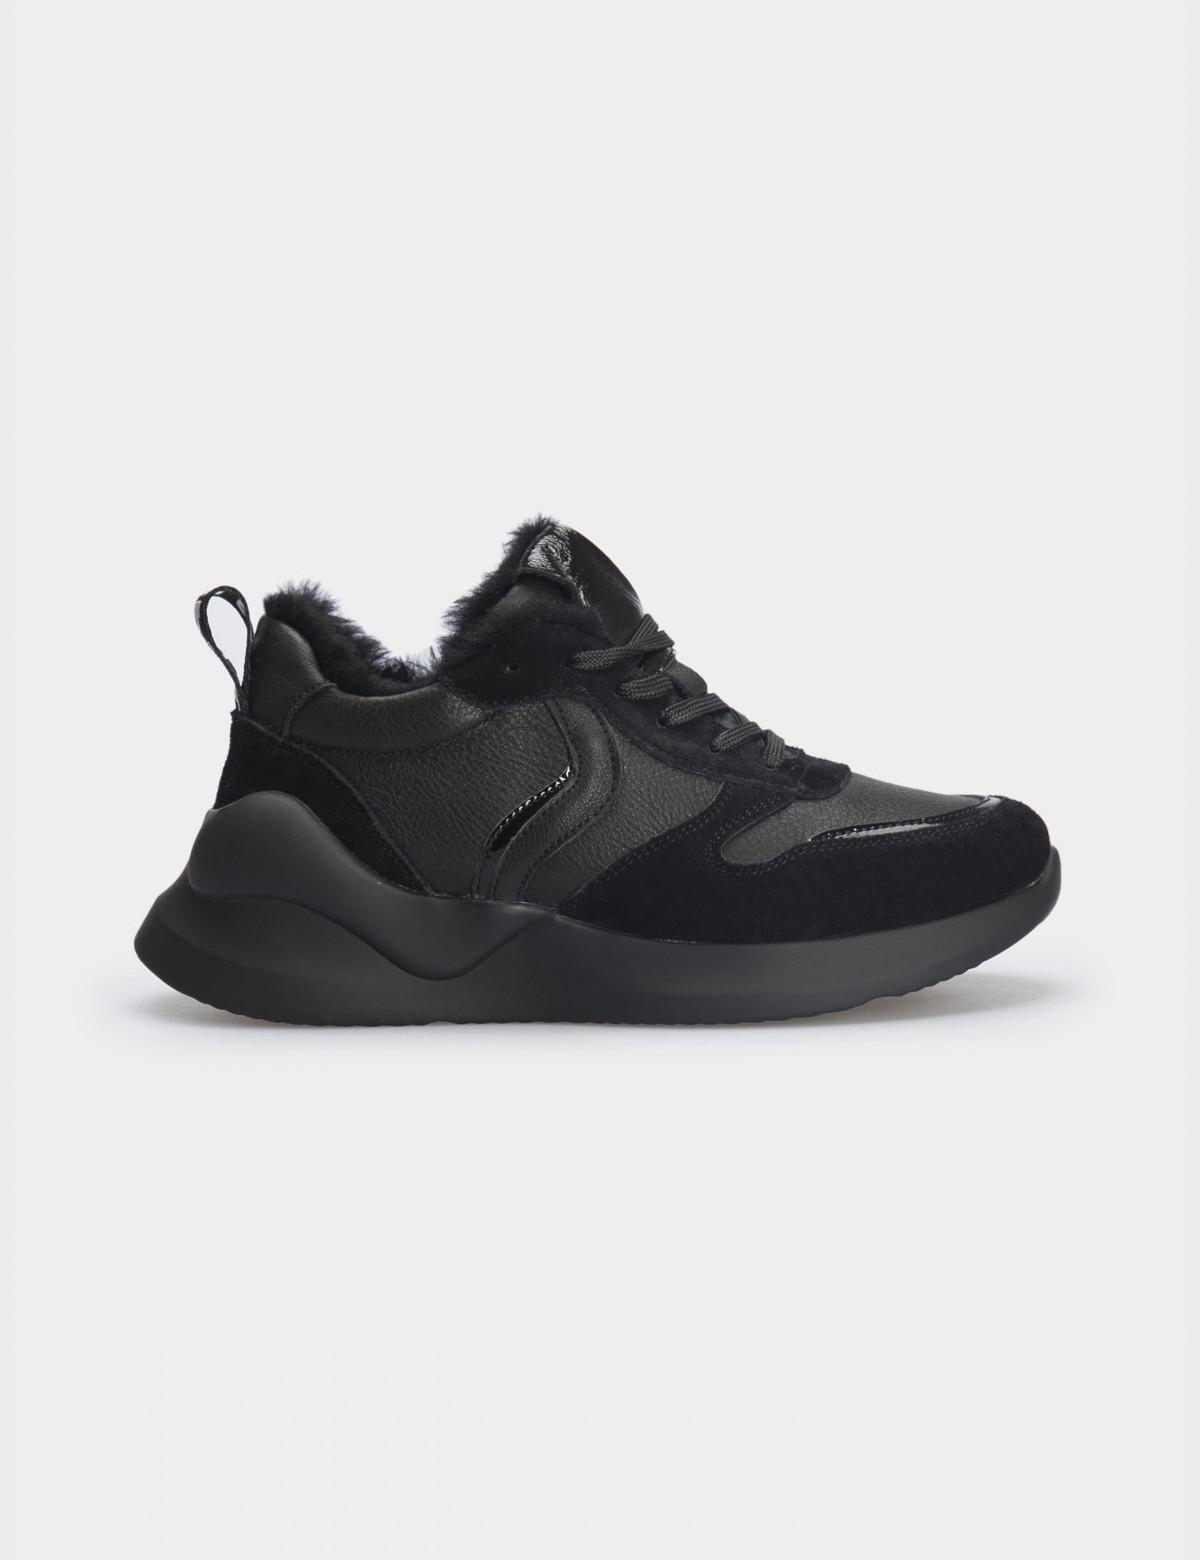 Кросівки чорні. Натуральна шкіра/замша. Вовна